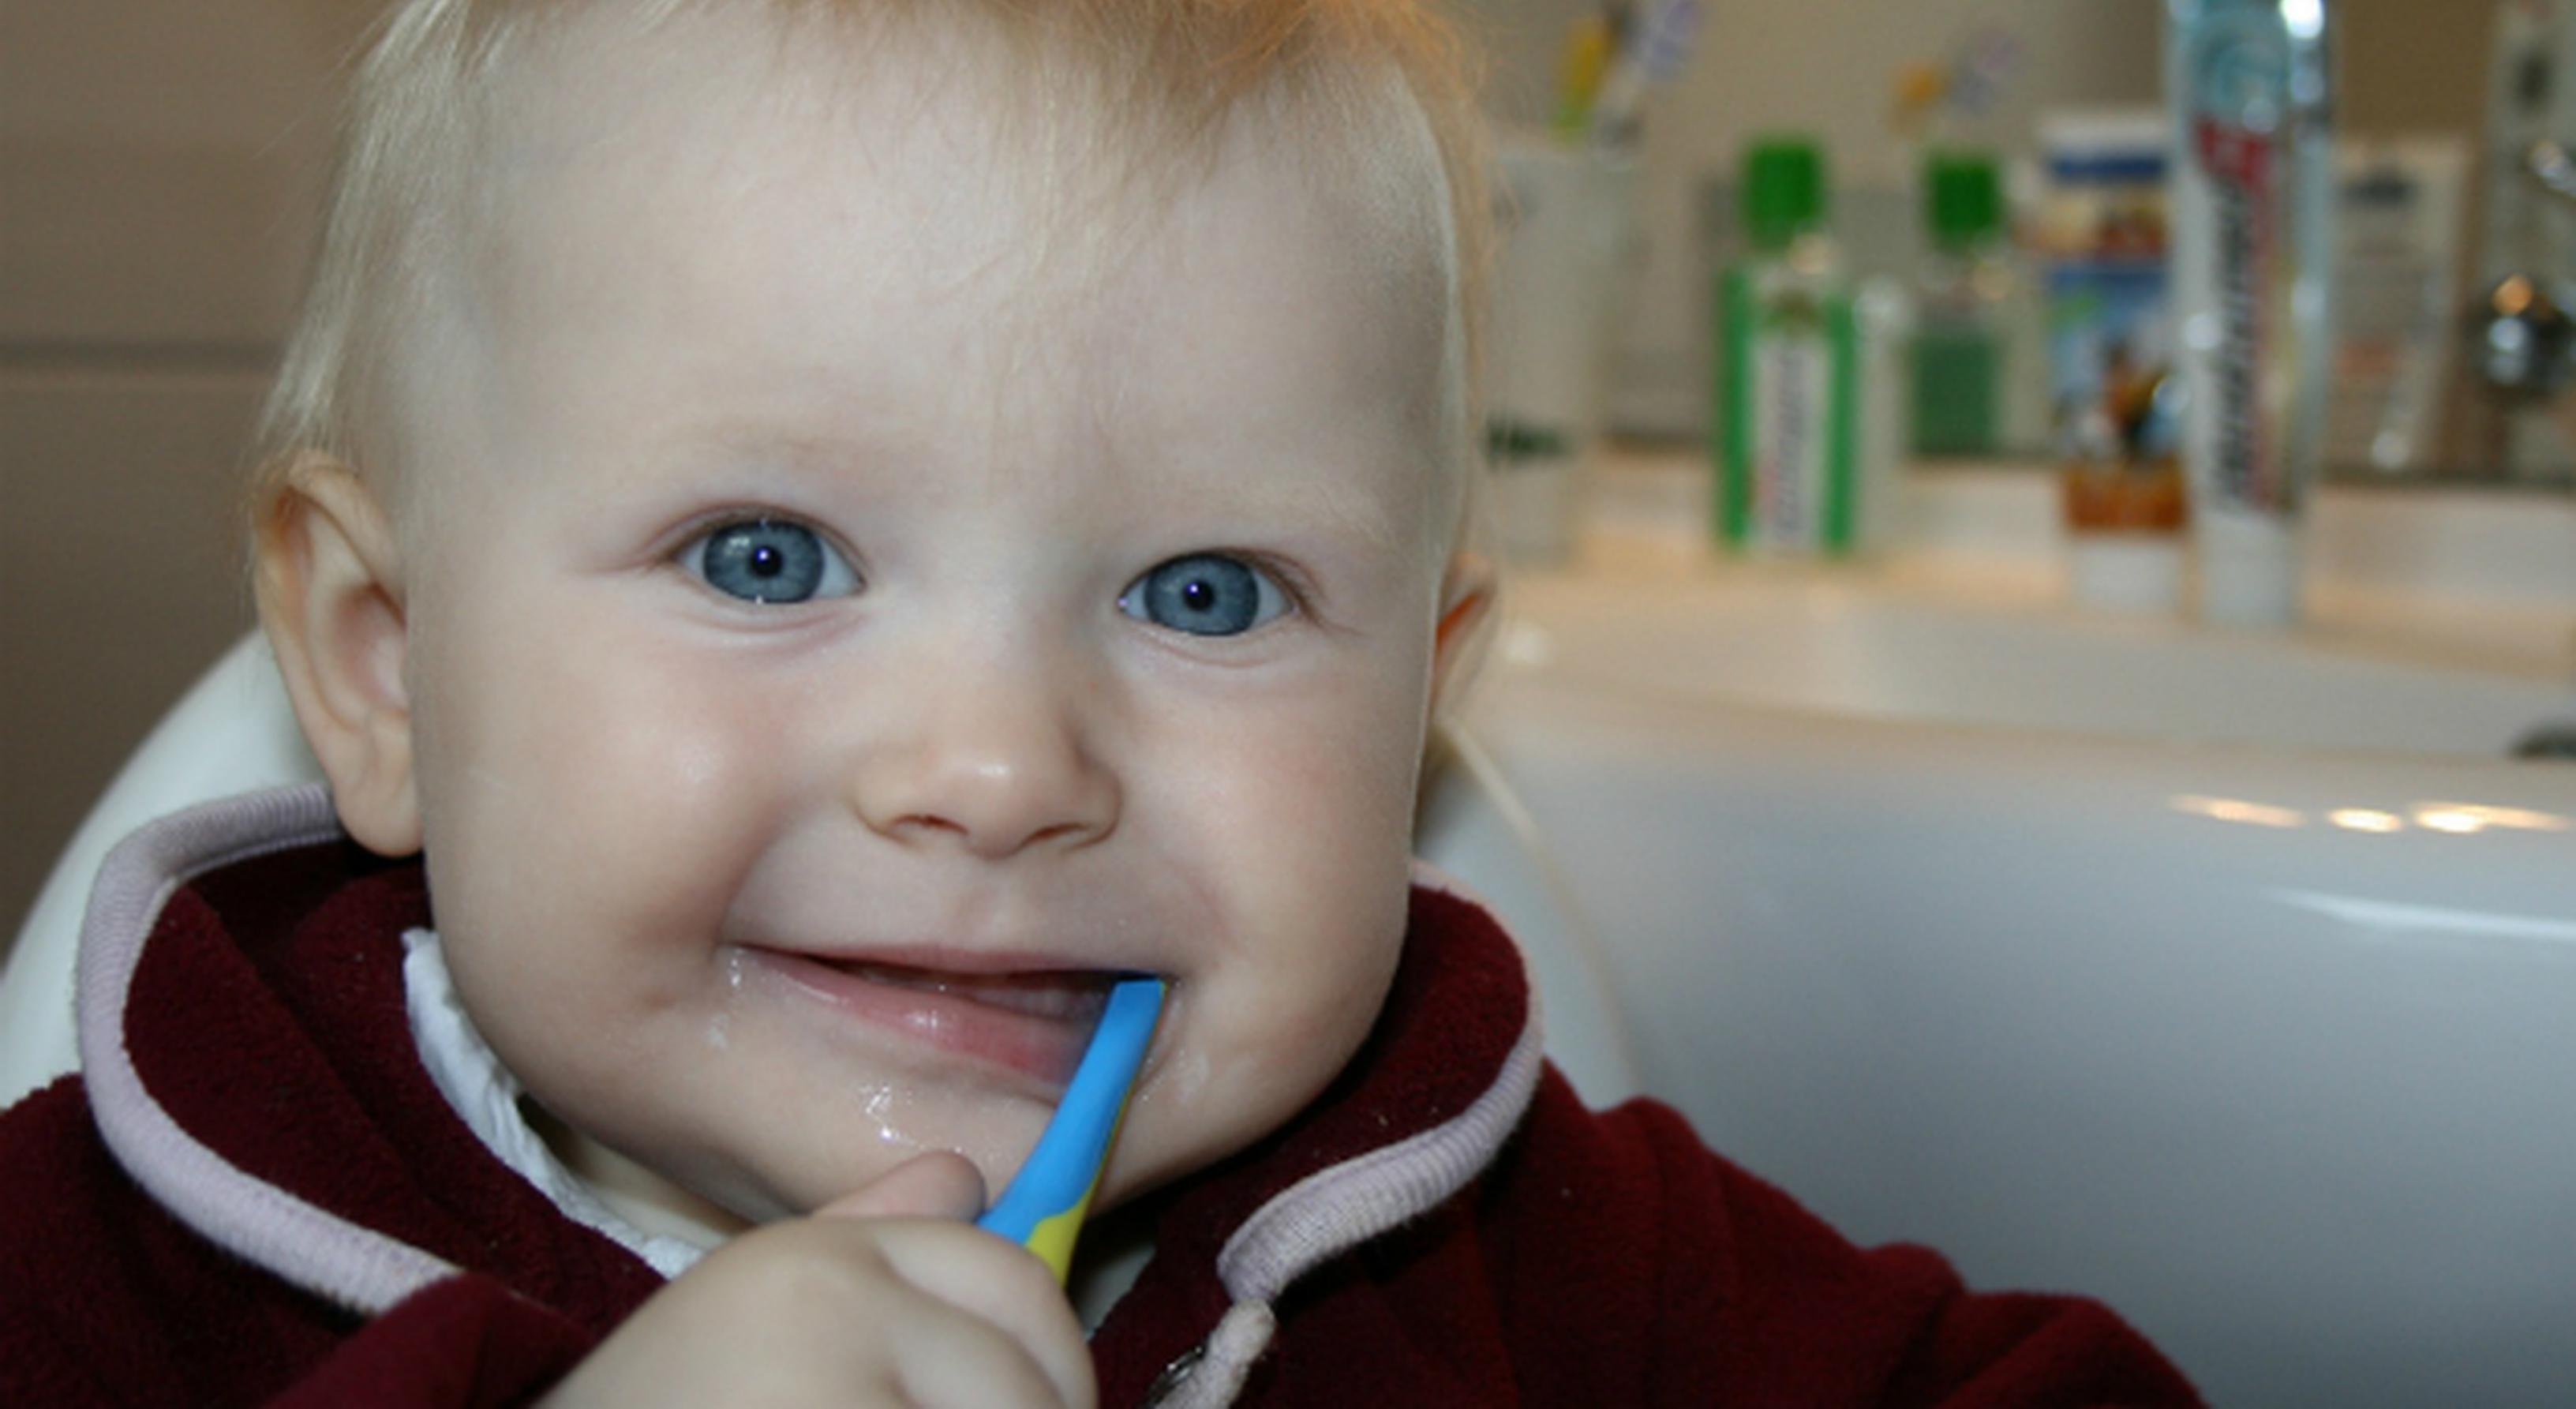 Smiling toddler brushing his teeth